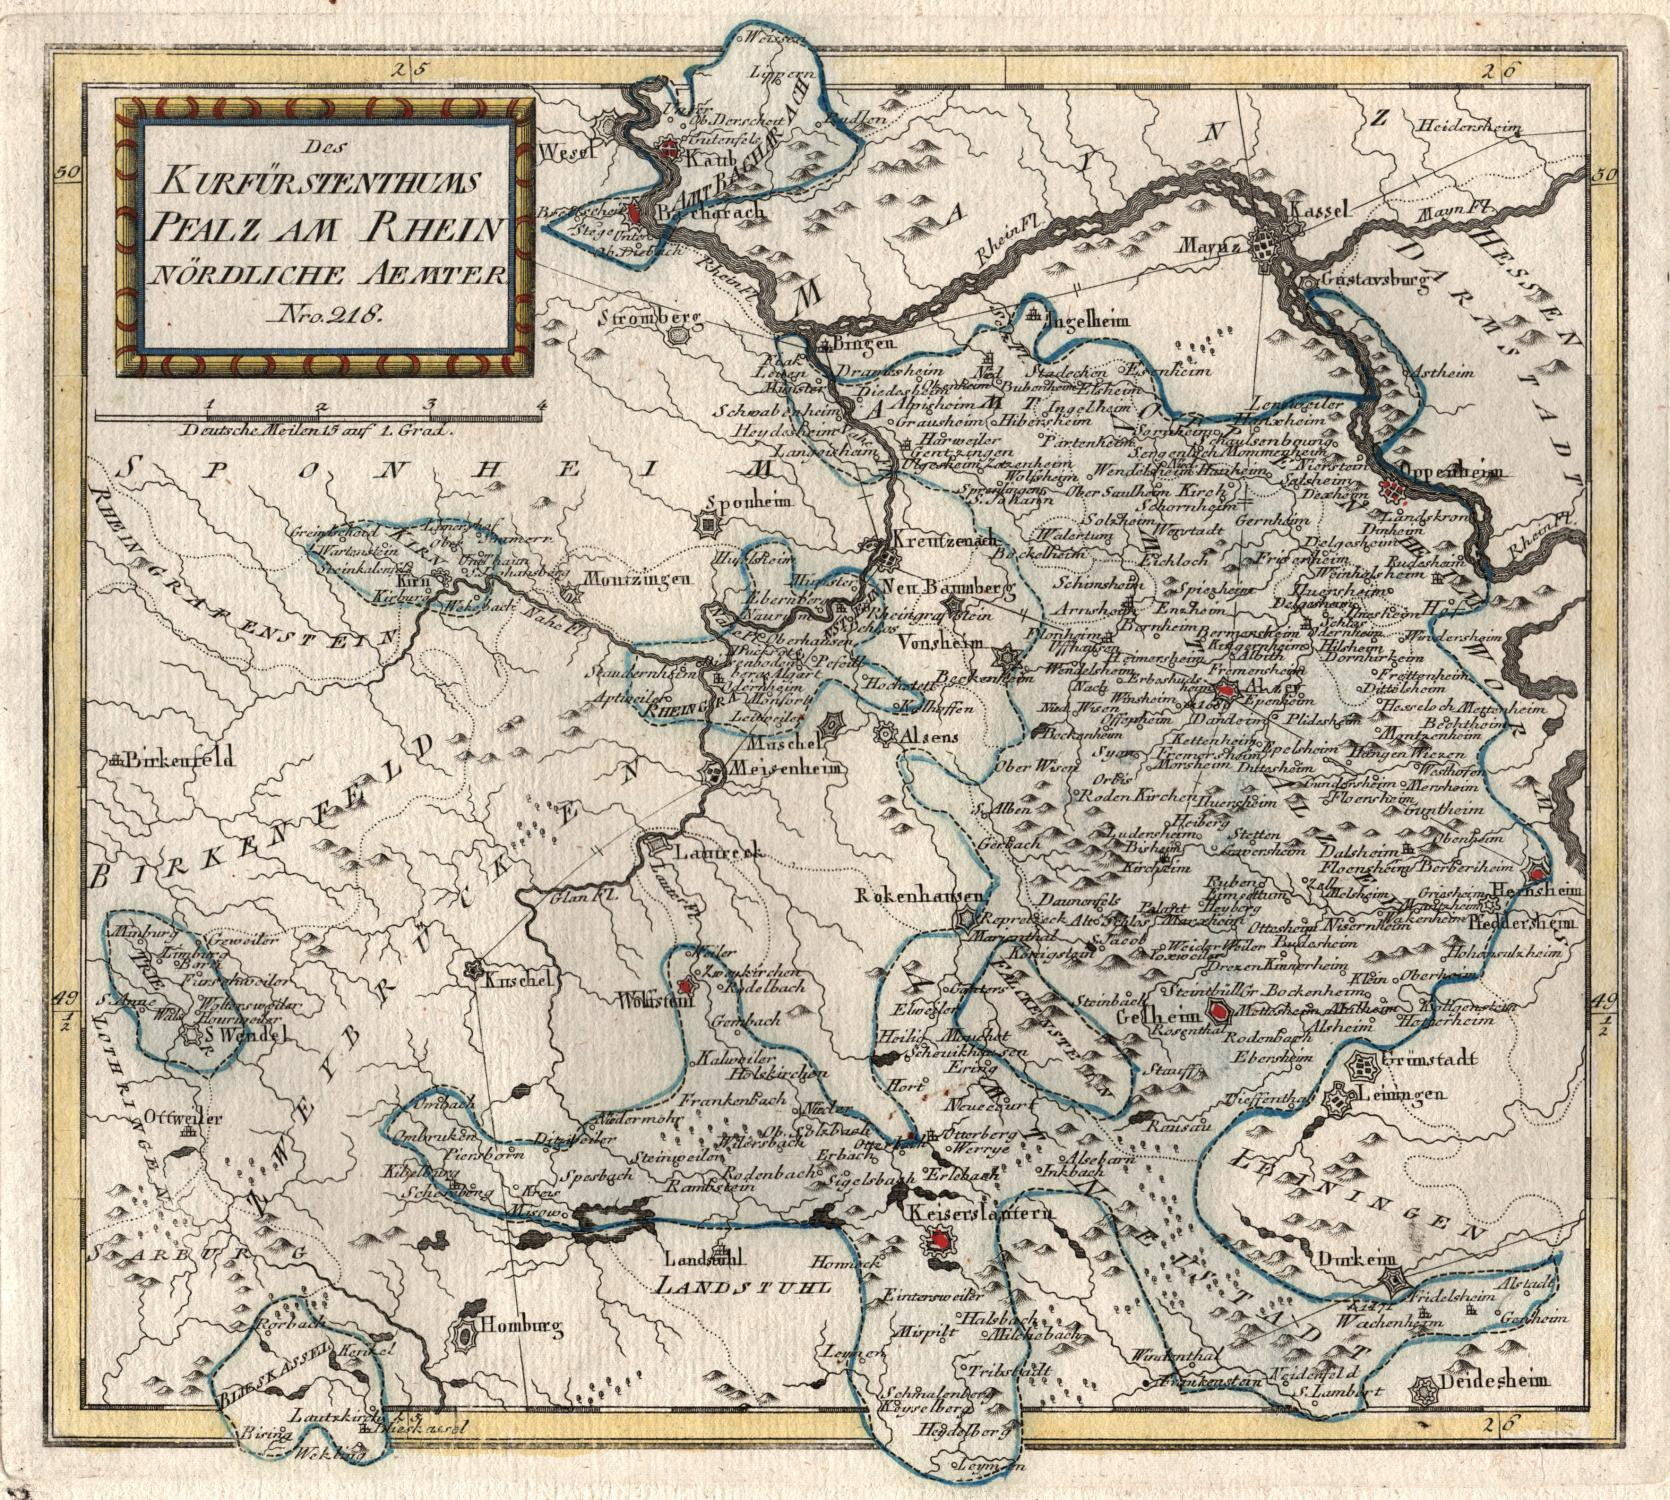 1791: Kurfürstentum Pfalz